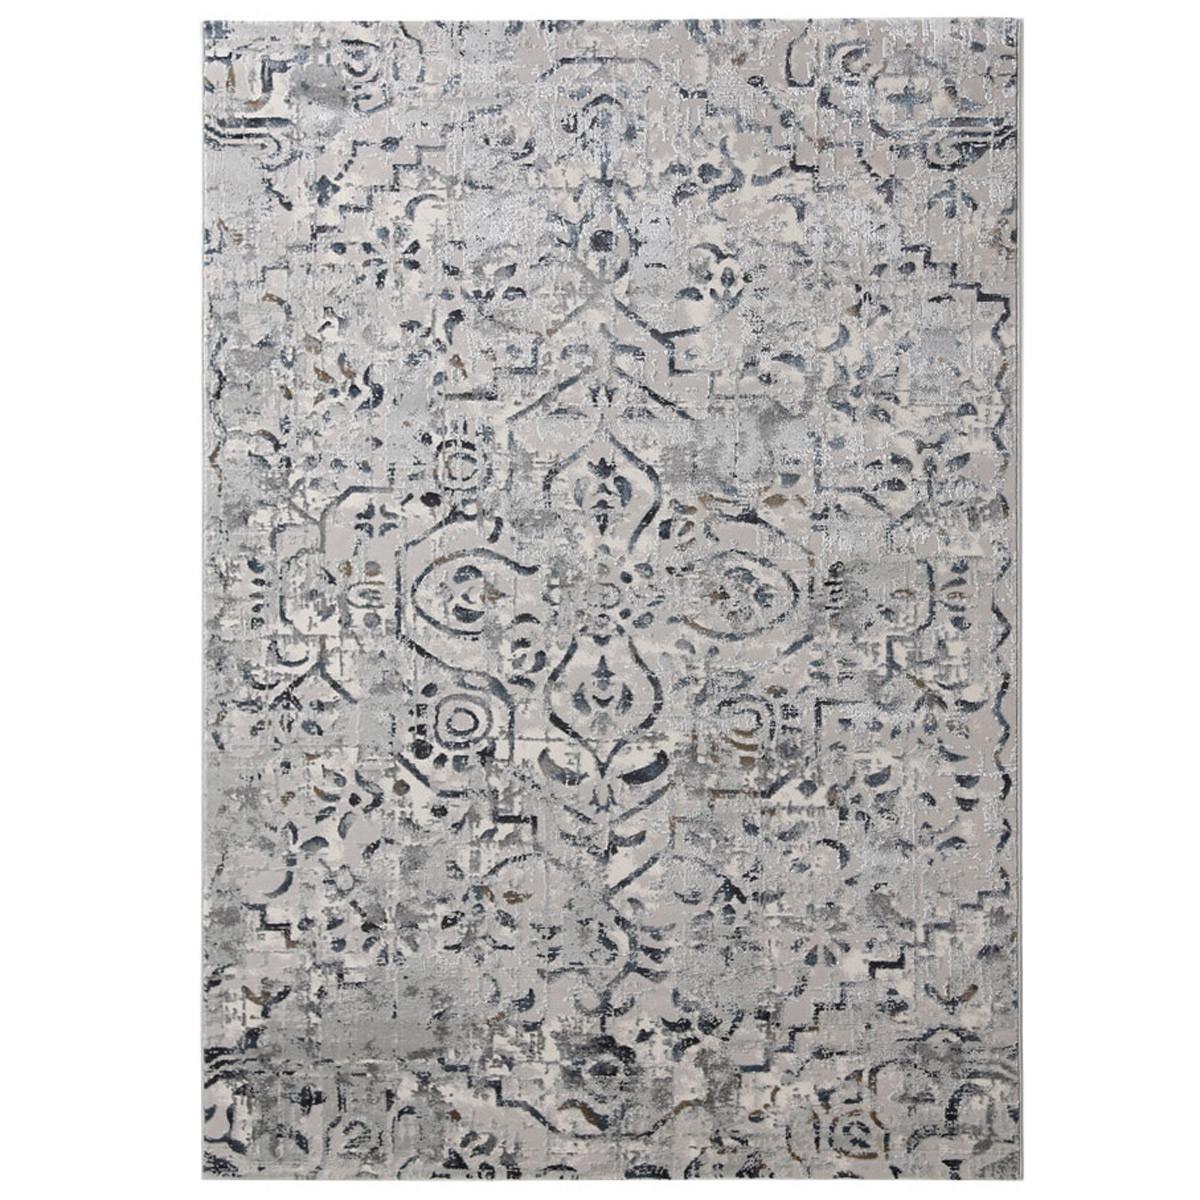 Χαλιά Κρεβατοκάμαρας (Σετ 3τμχ) Royal Carpets Elegance 5409 Grey